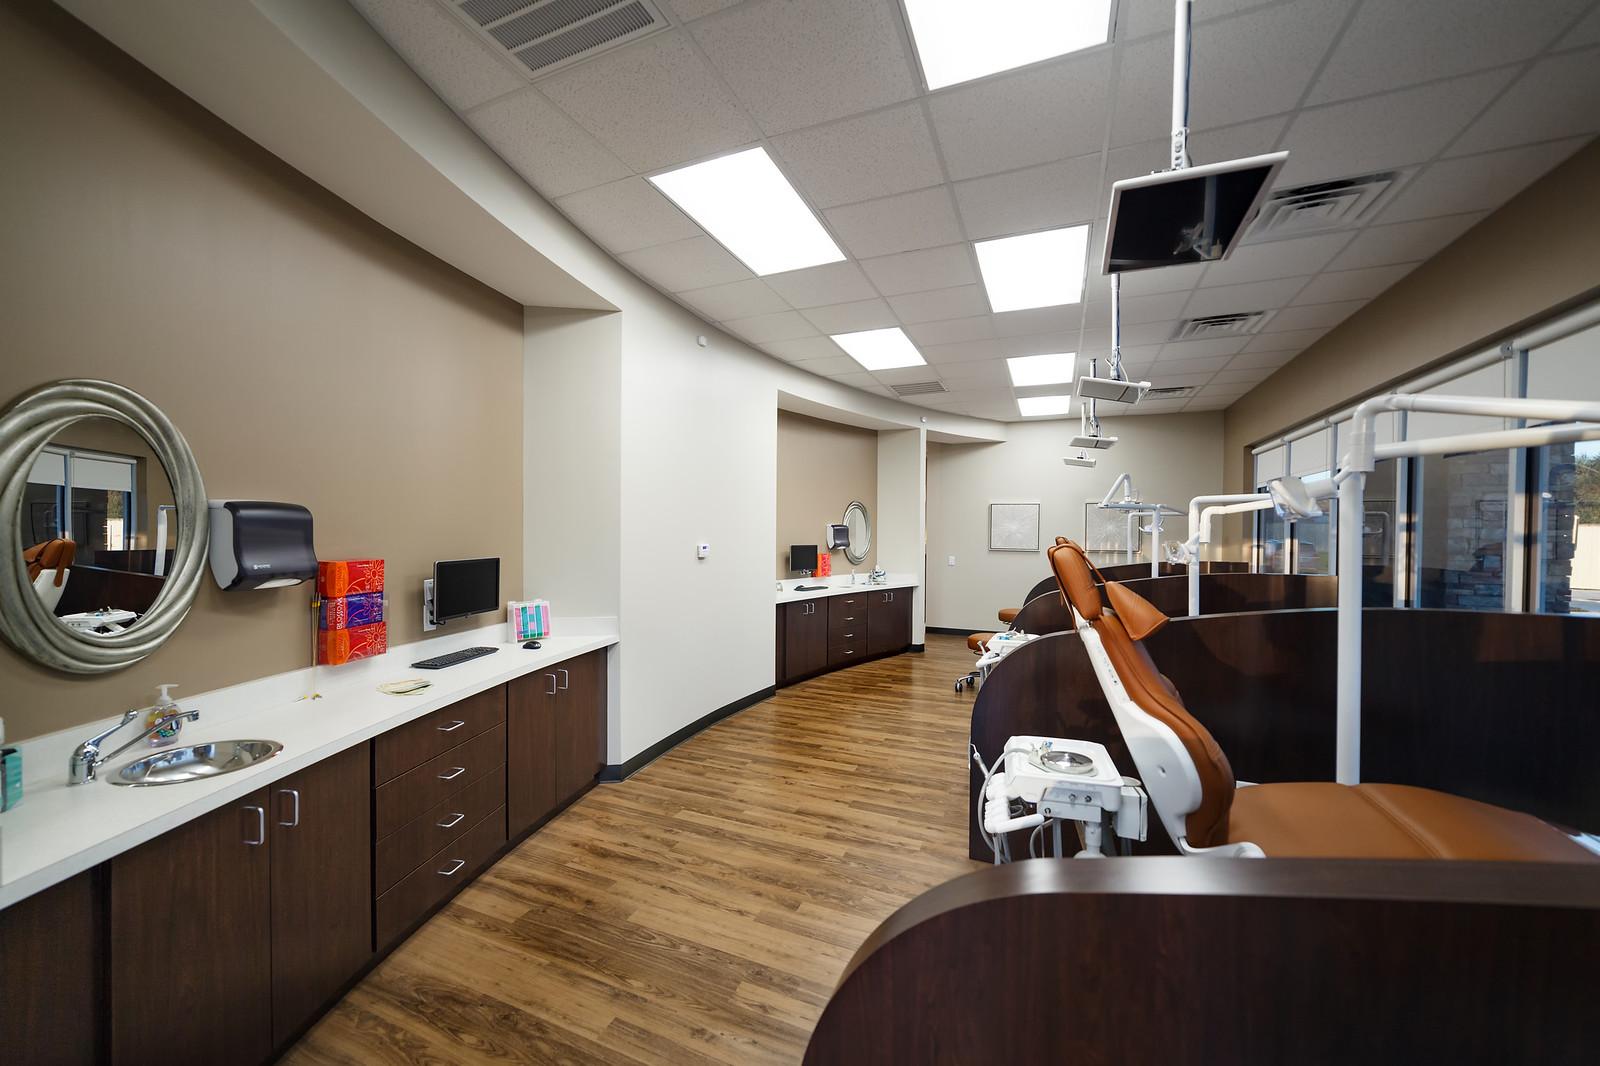 oral surgeon dentist